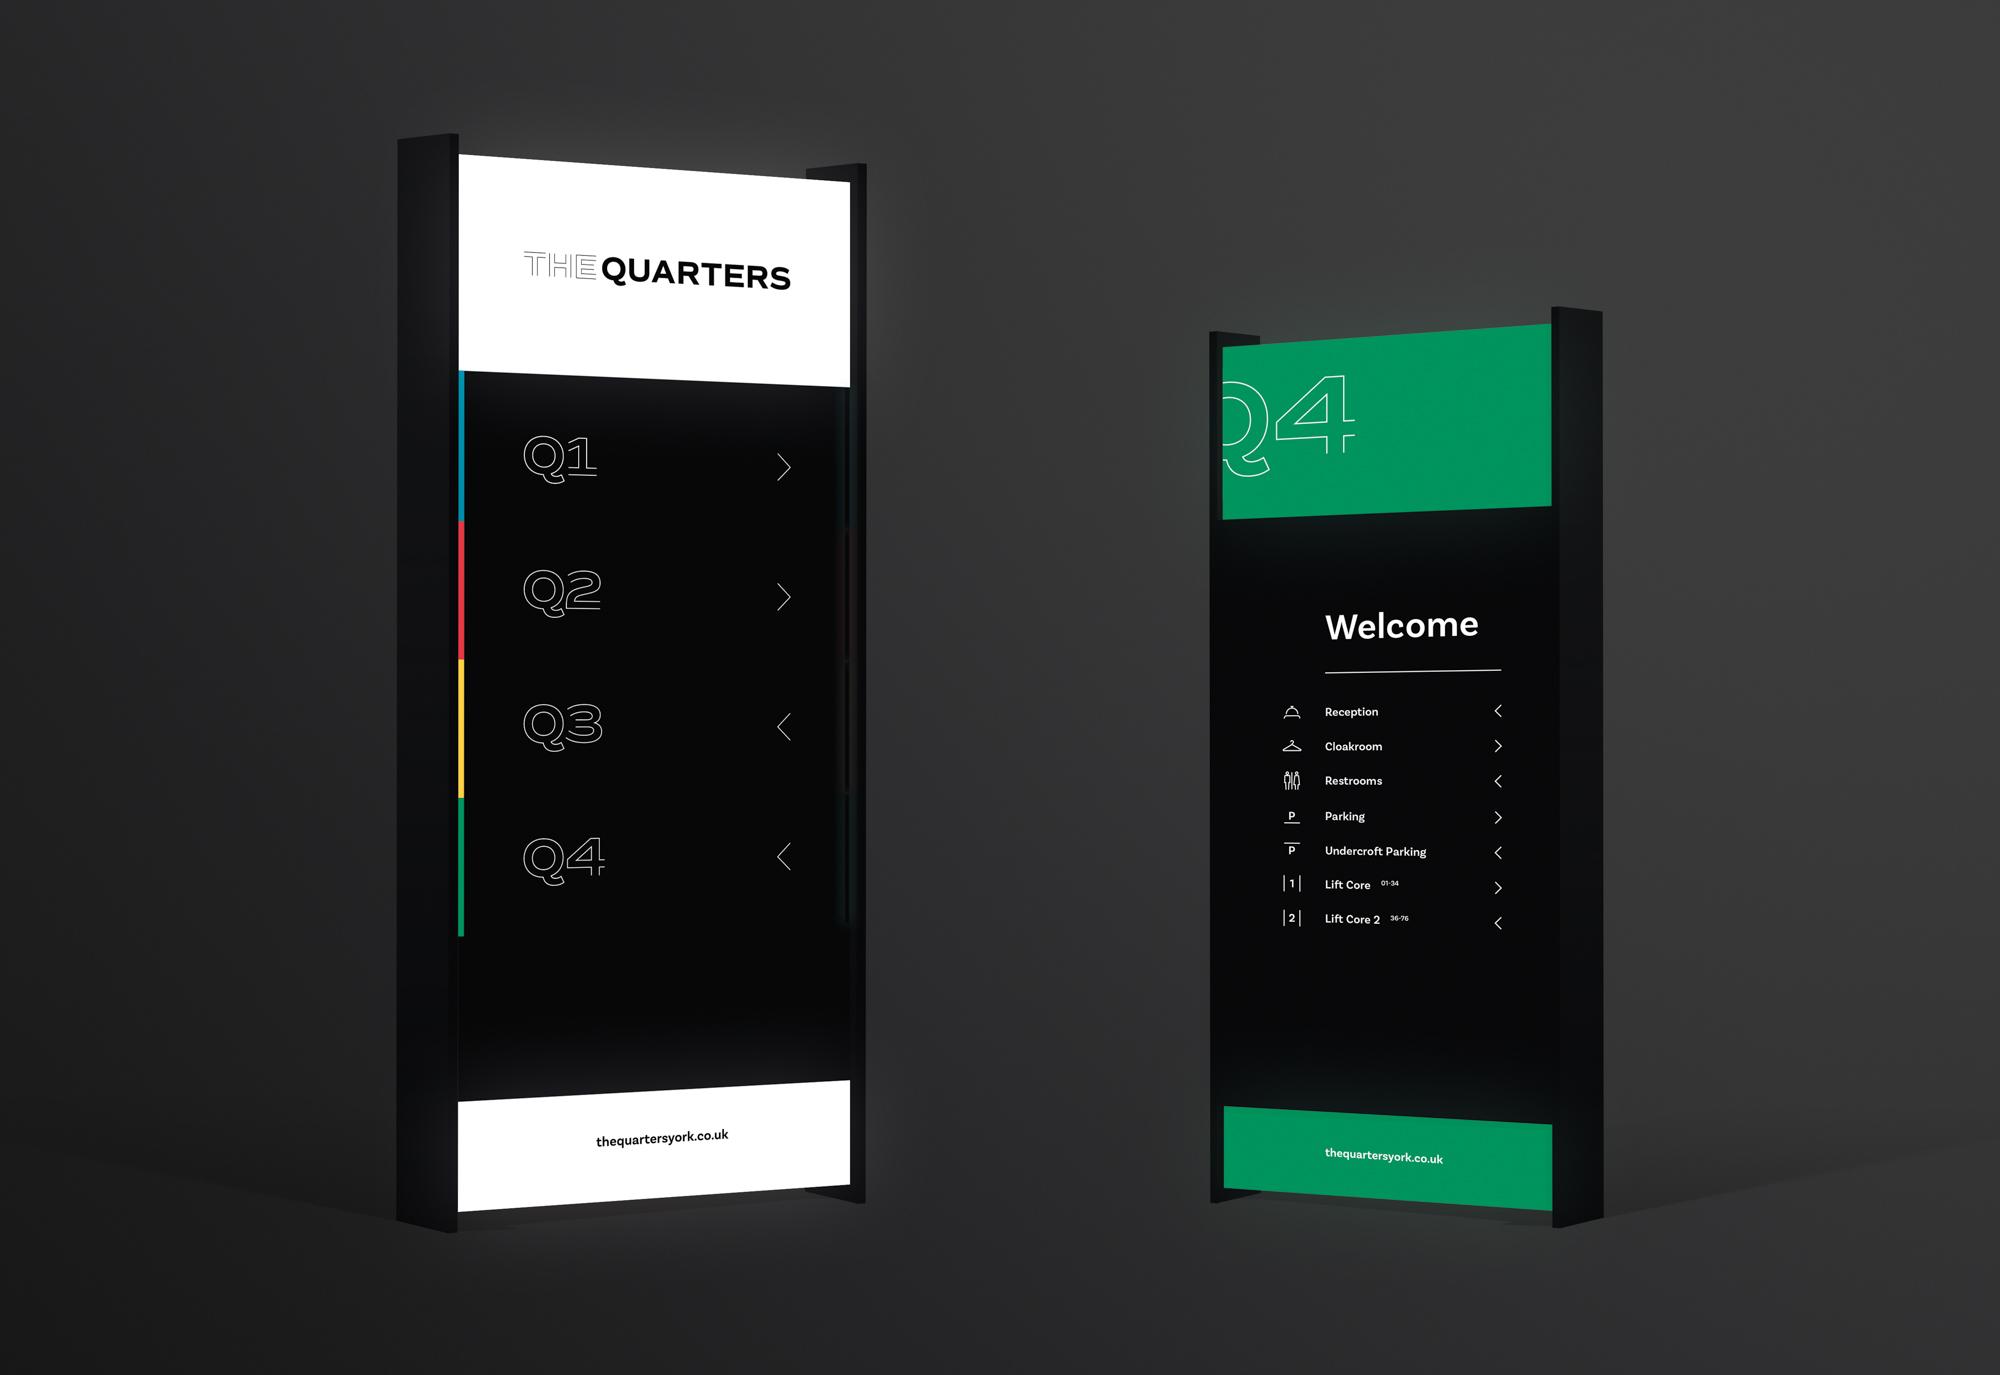 Quarters_Wayfinding_LR-5